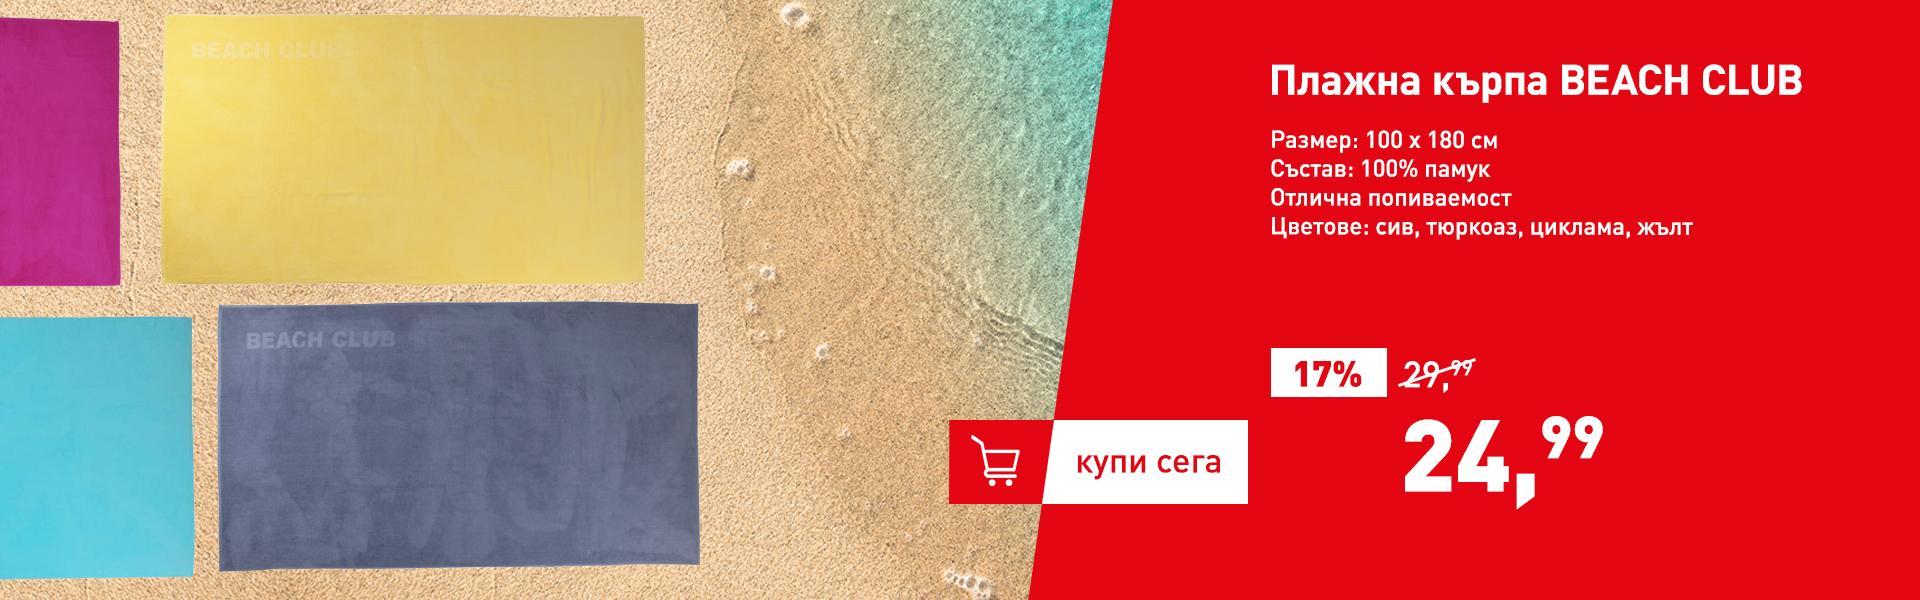 Плажни кърпи BEACH CLUB